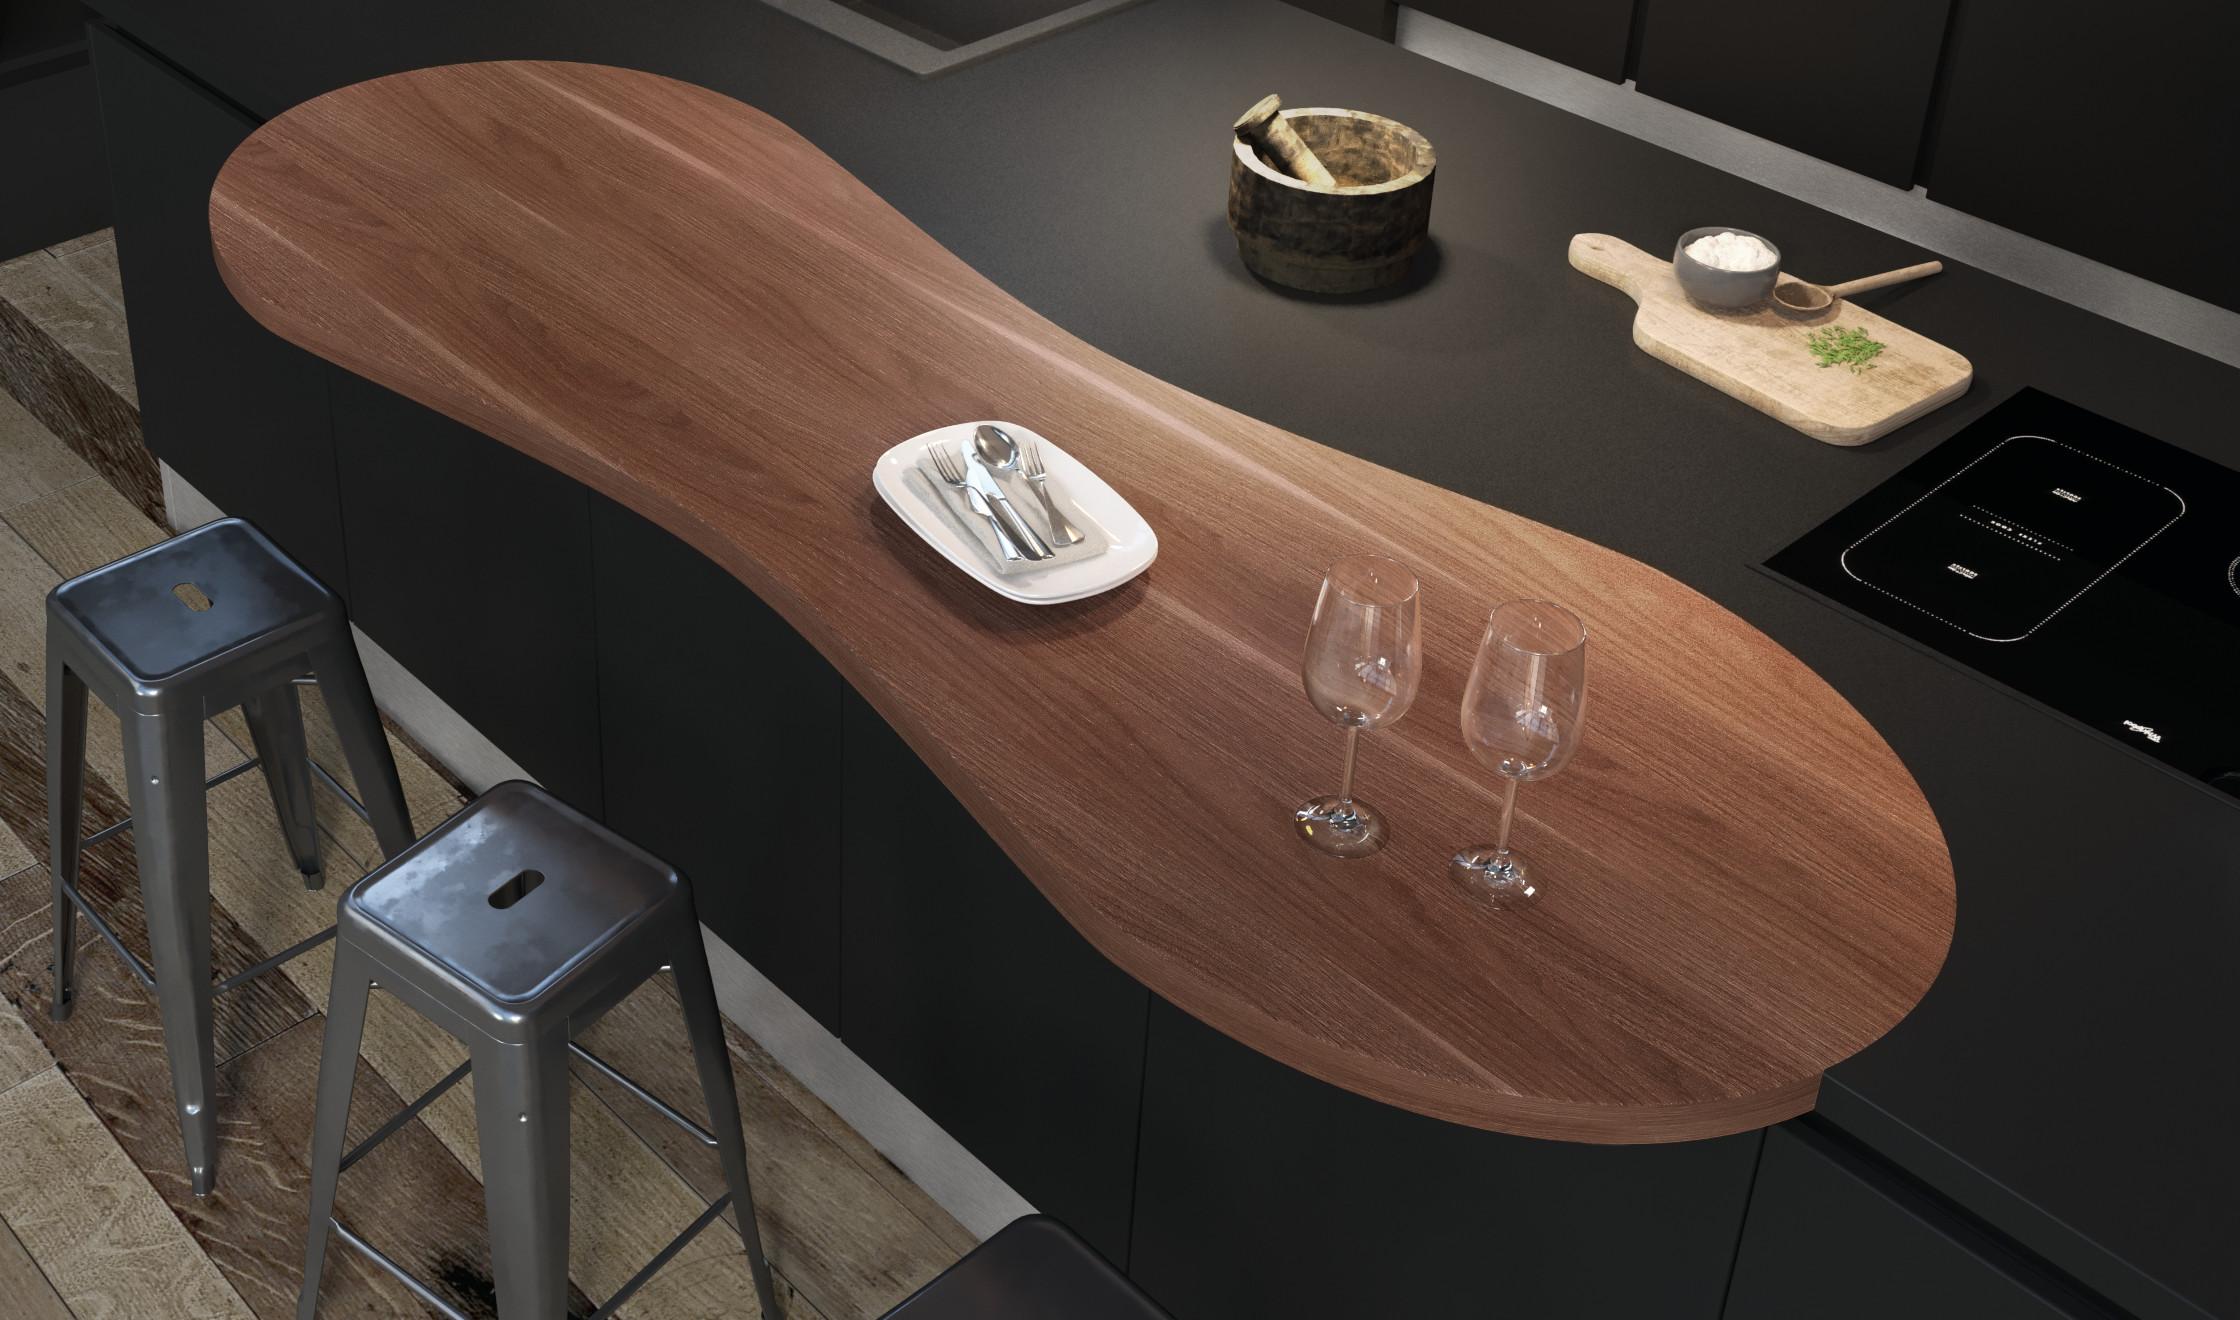 Nettoyer Meuble Cuisine Mat cuisine extra mat, le matériau nouvelle génération - coméra